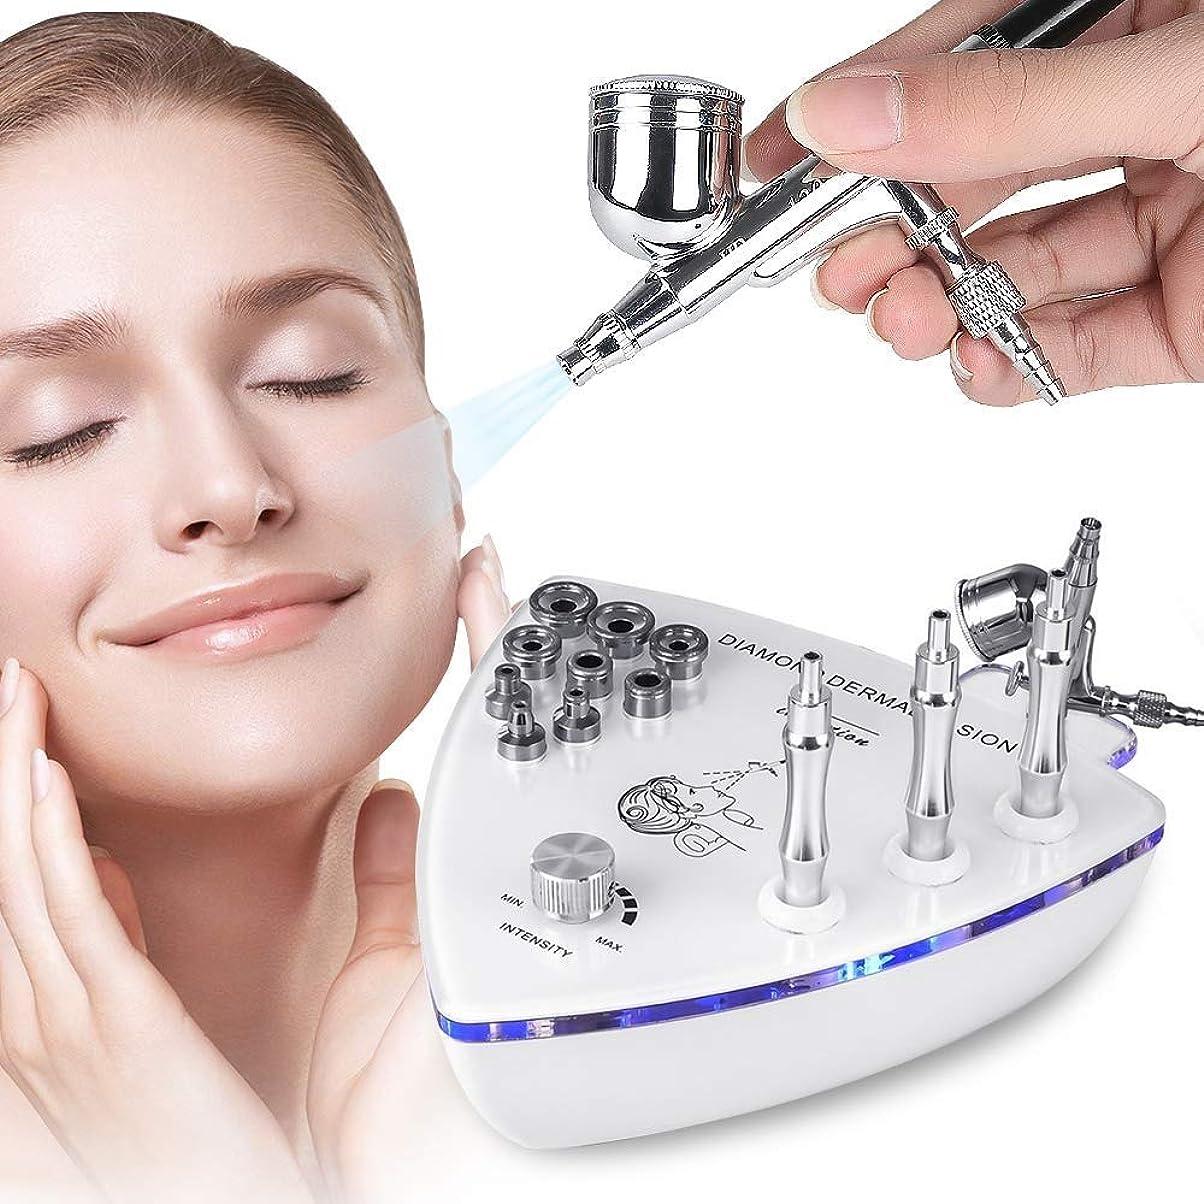 自明ミネラル原告1でスプレーガン、皮の皮の若返り、美装置をきつく締める改装の皮、専門の家の使用顔の美容院装置が付いているダイヤモンドのマイクロダーマブレーション機械3つ1つ (Edition : EUR PLUG)